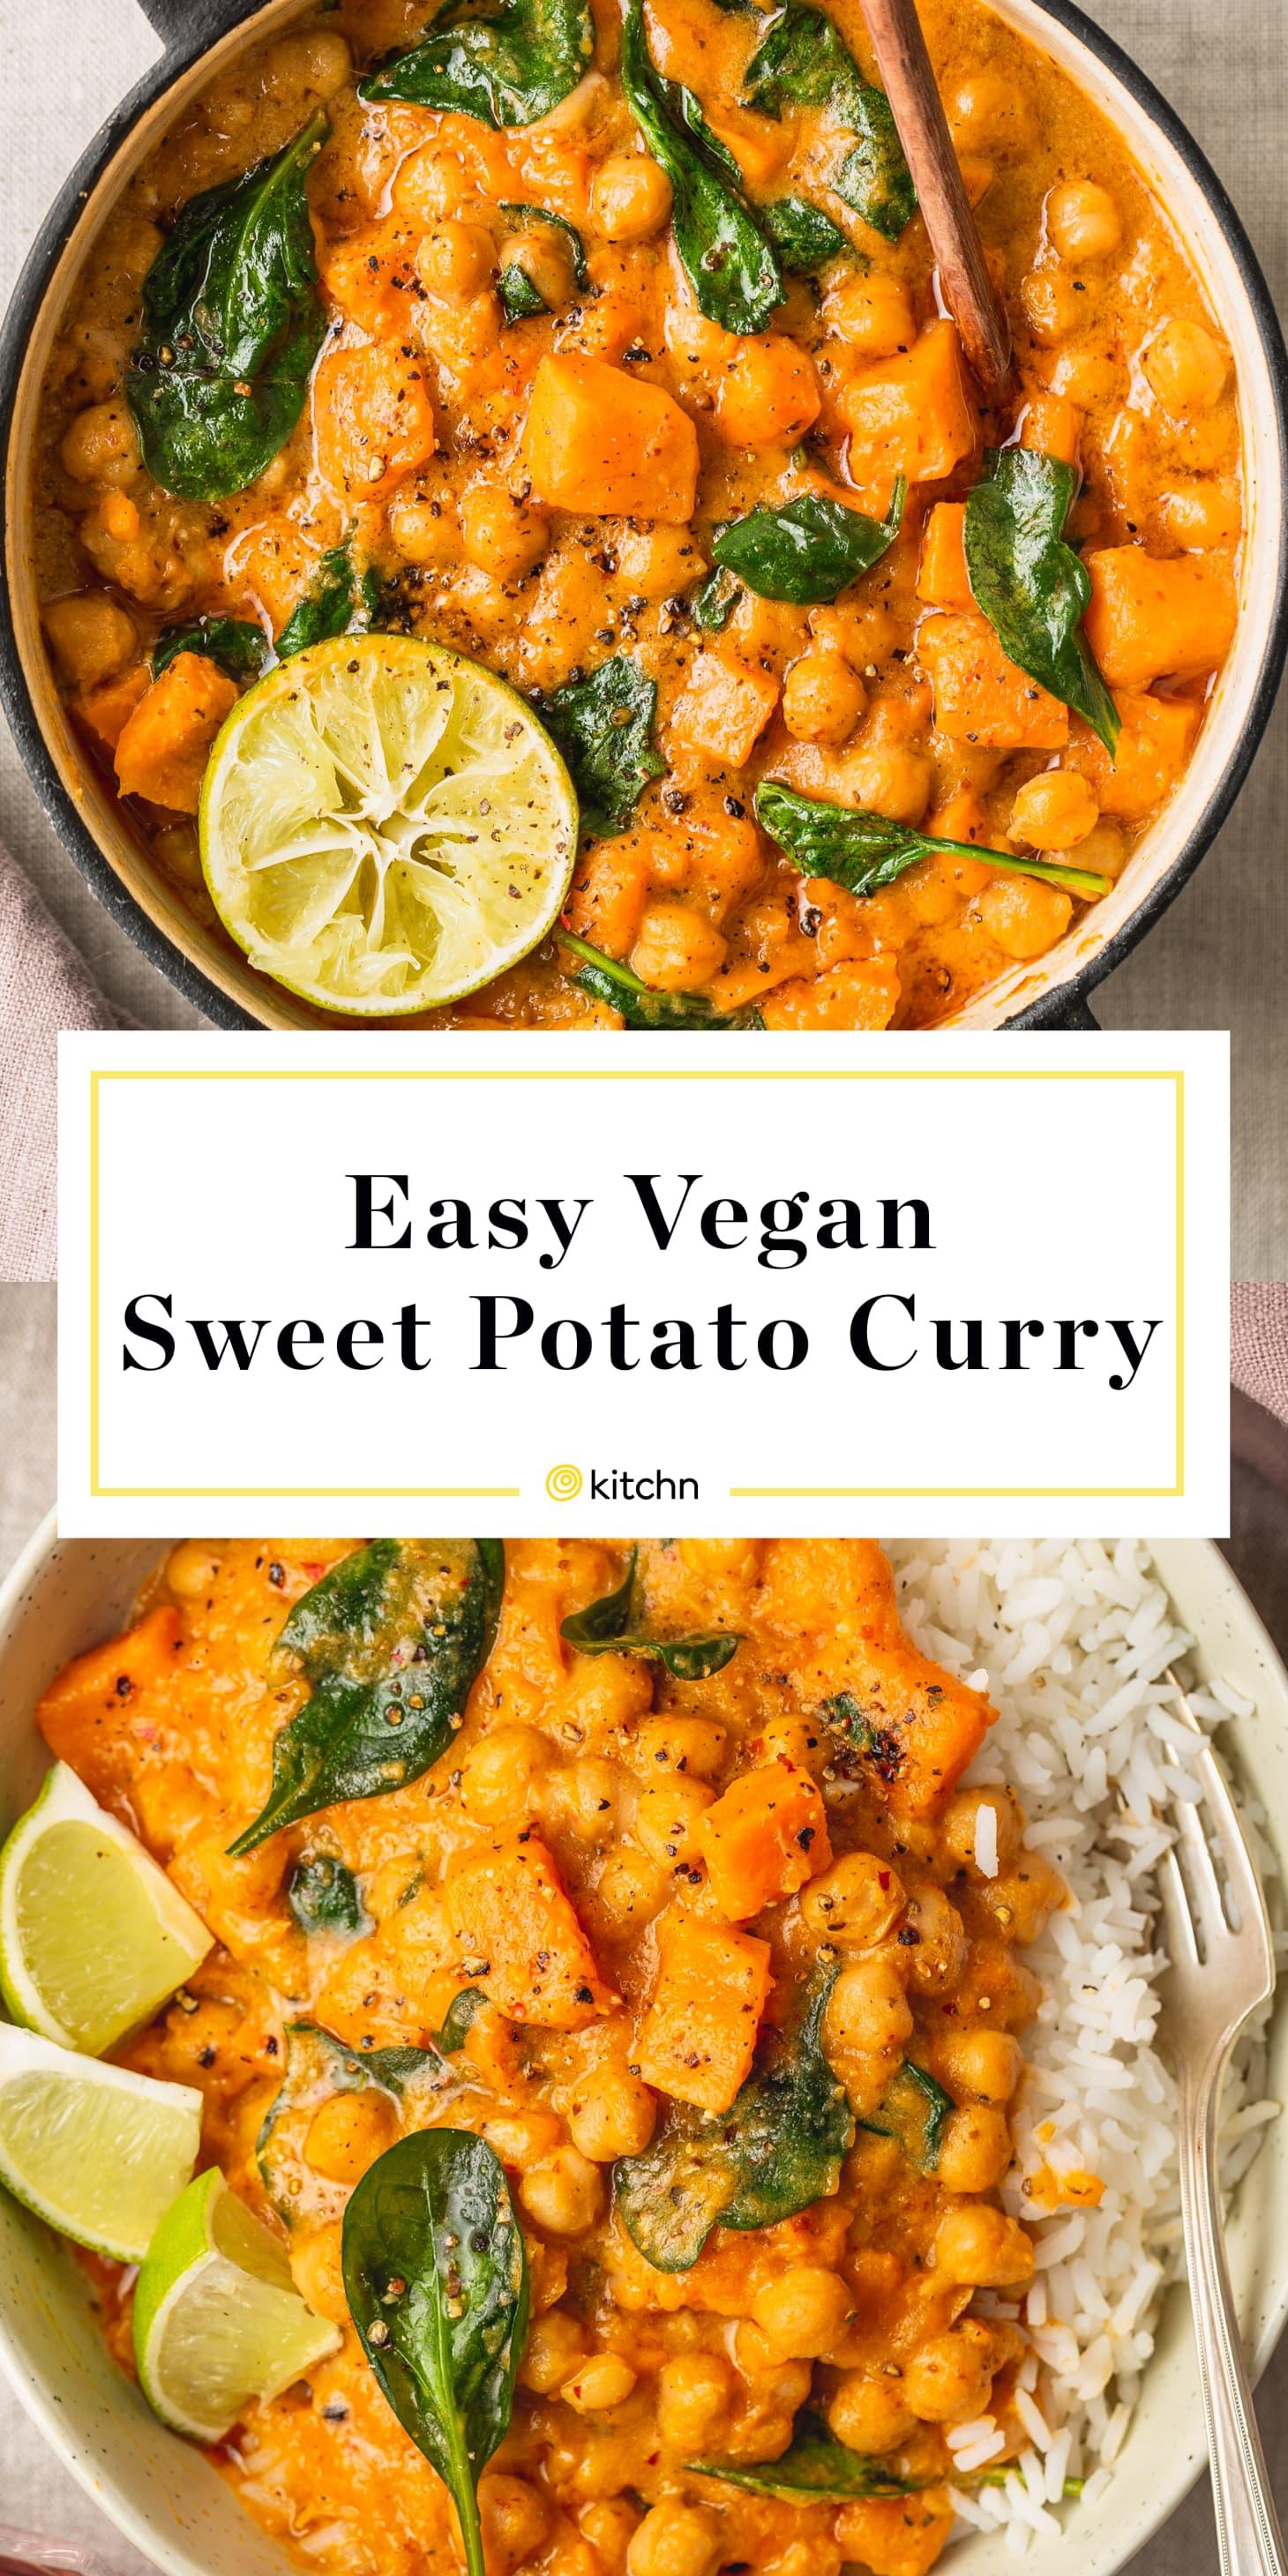 Easy Vegan Sweet Potato Curry Kitchn